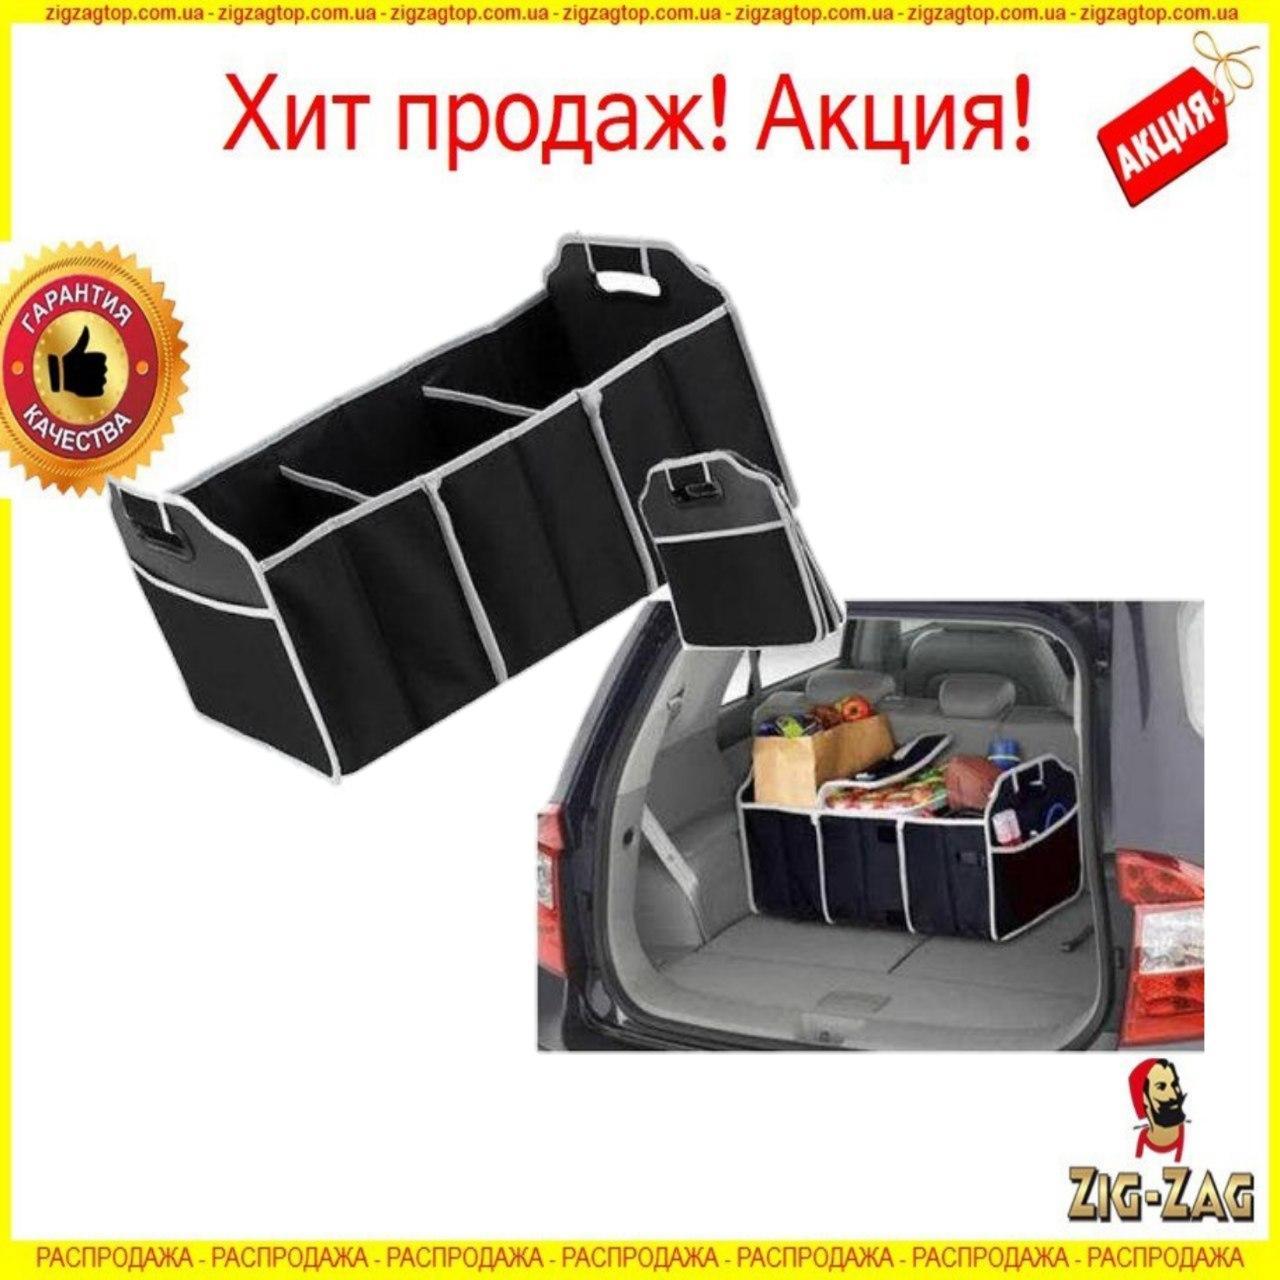 Сумка Органайзер в Багажник Автомобіля для Авто Car Boot Organise в Машину складна в Автомобіль Чорна